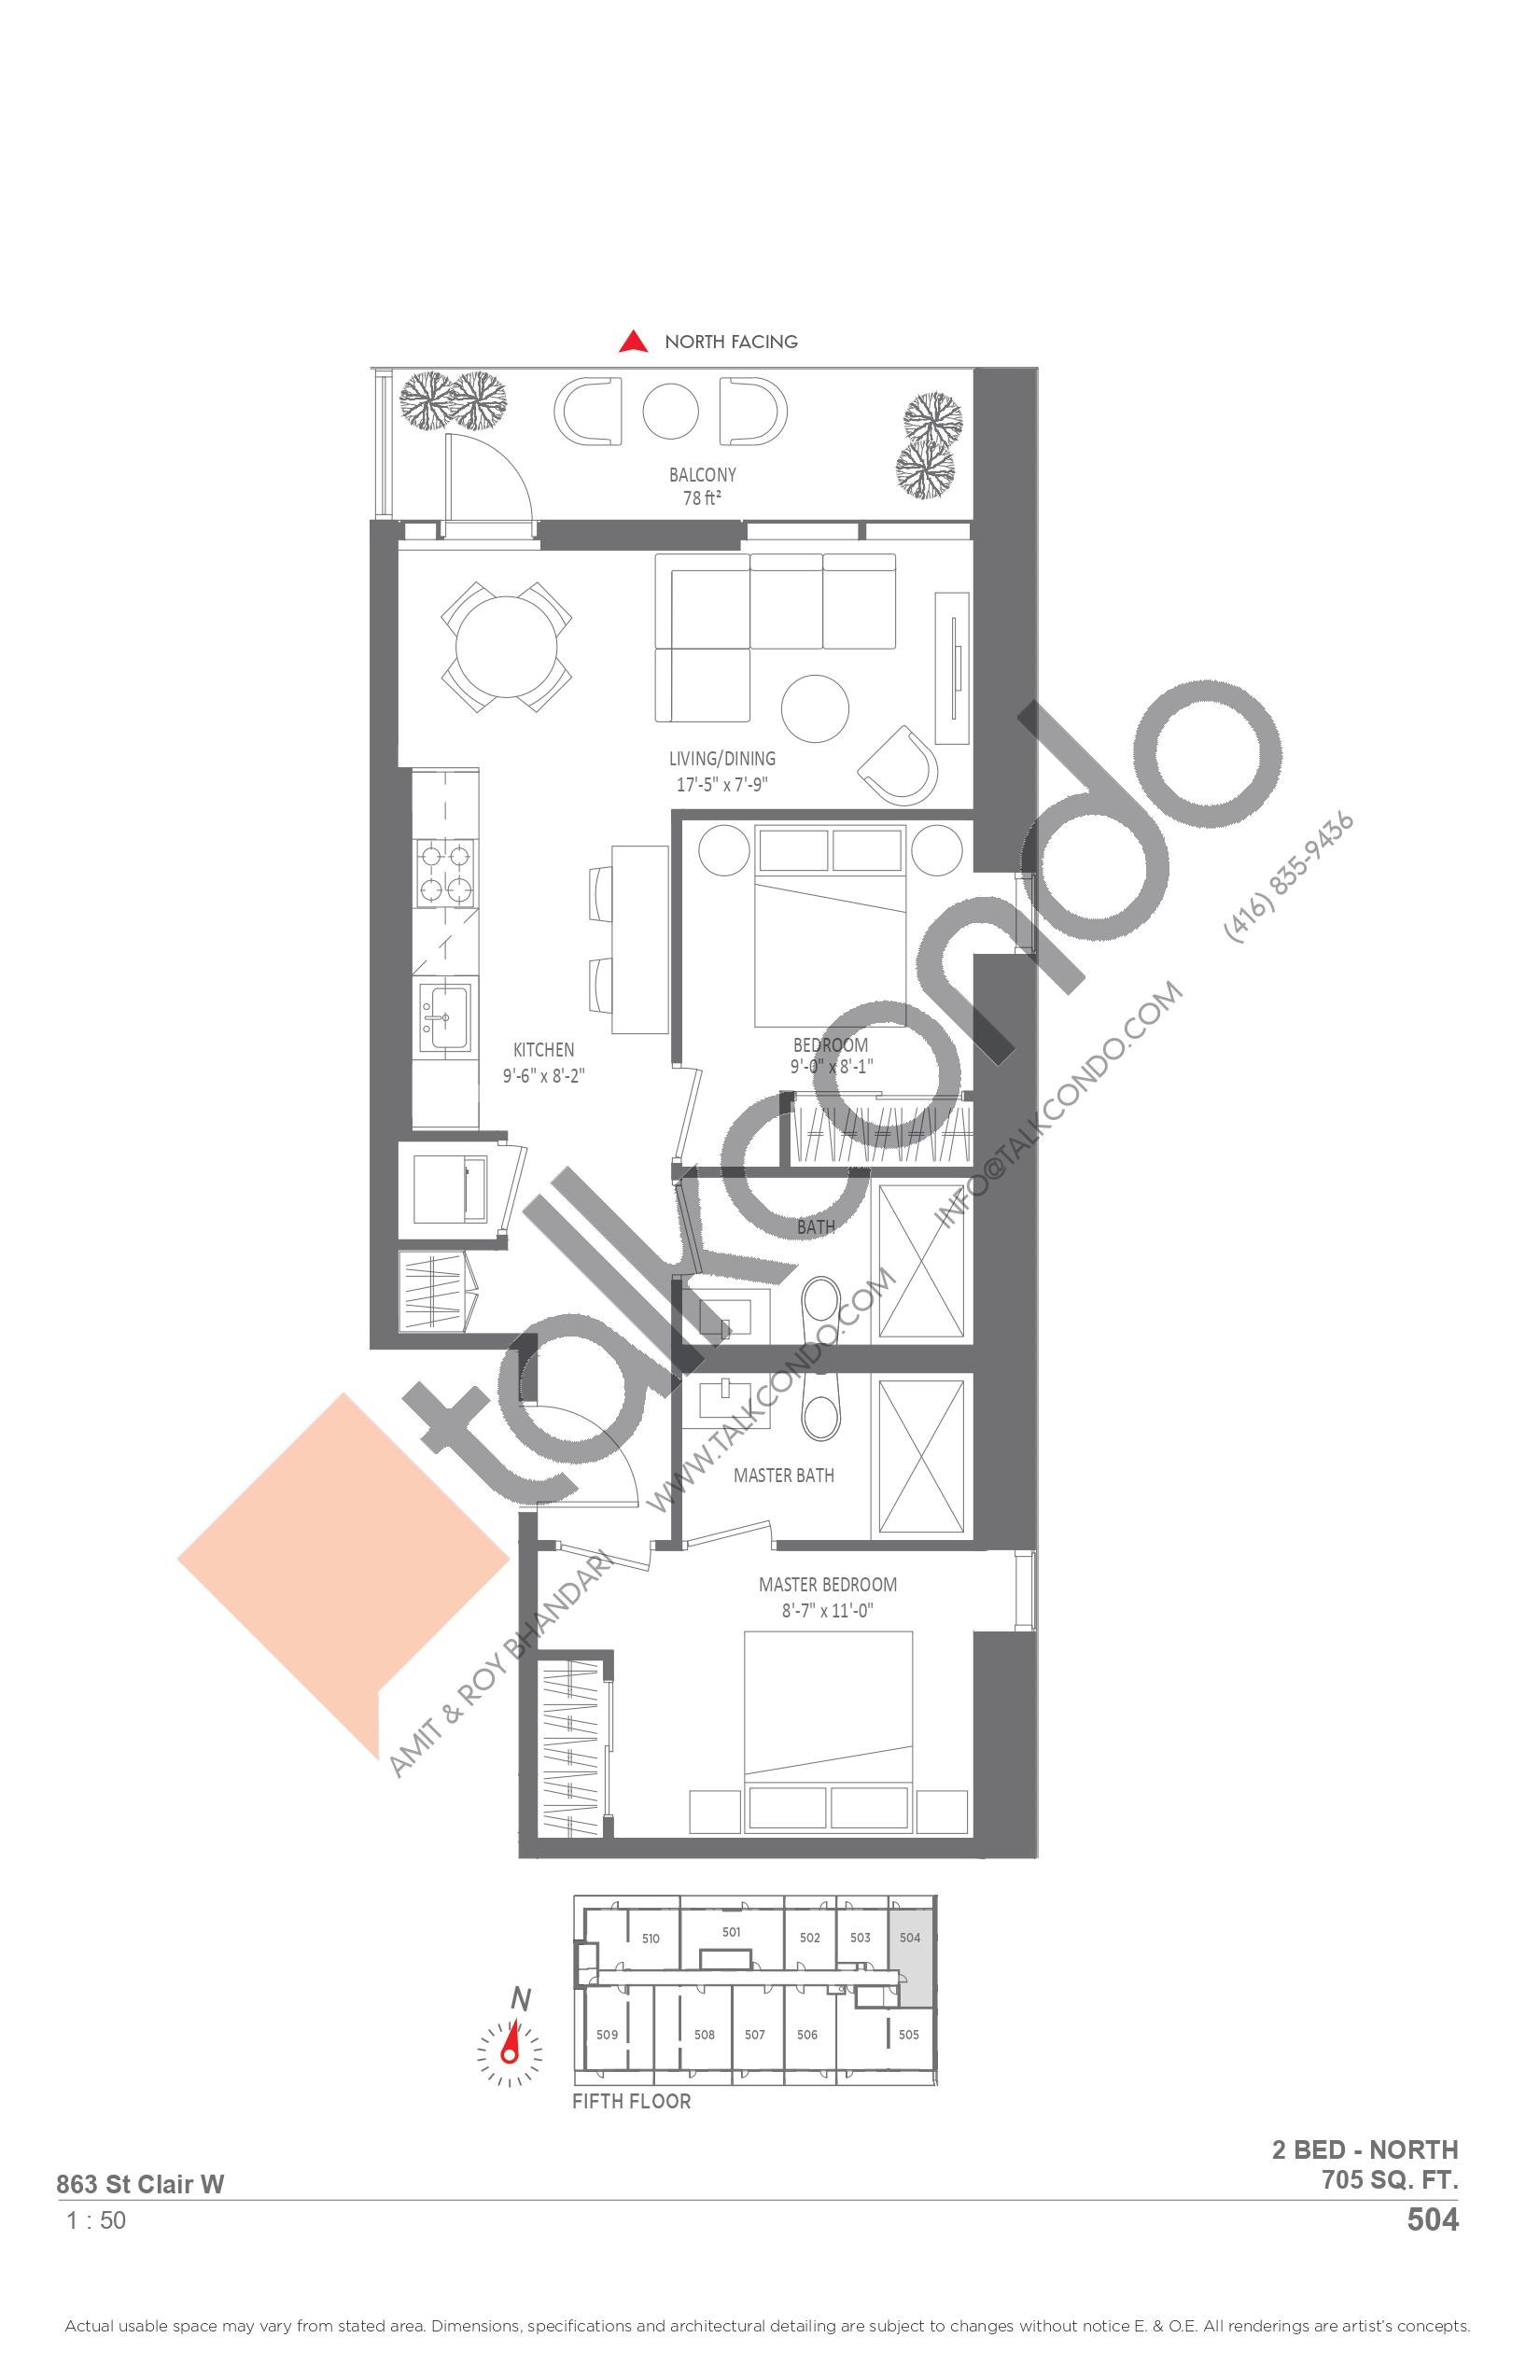 504 Floor Plan at Monza Condos - 705 sq.ft